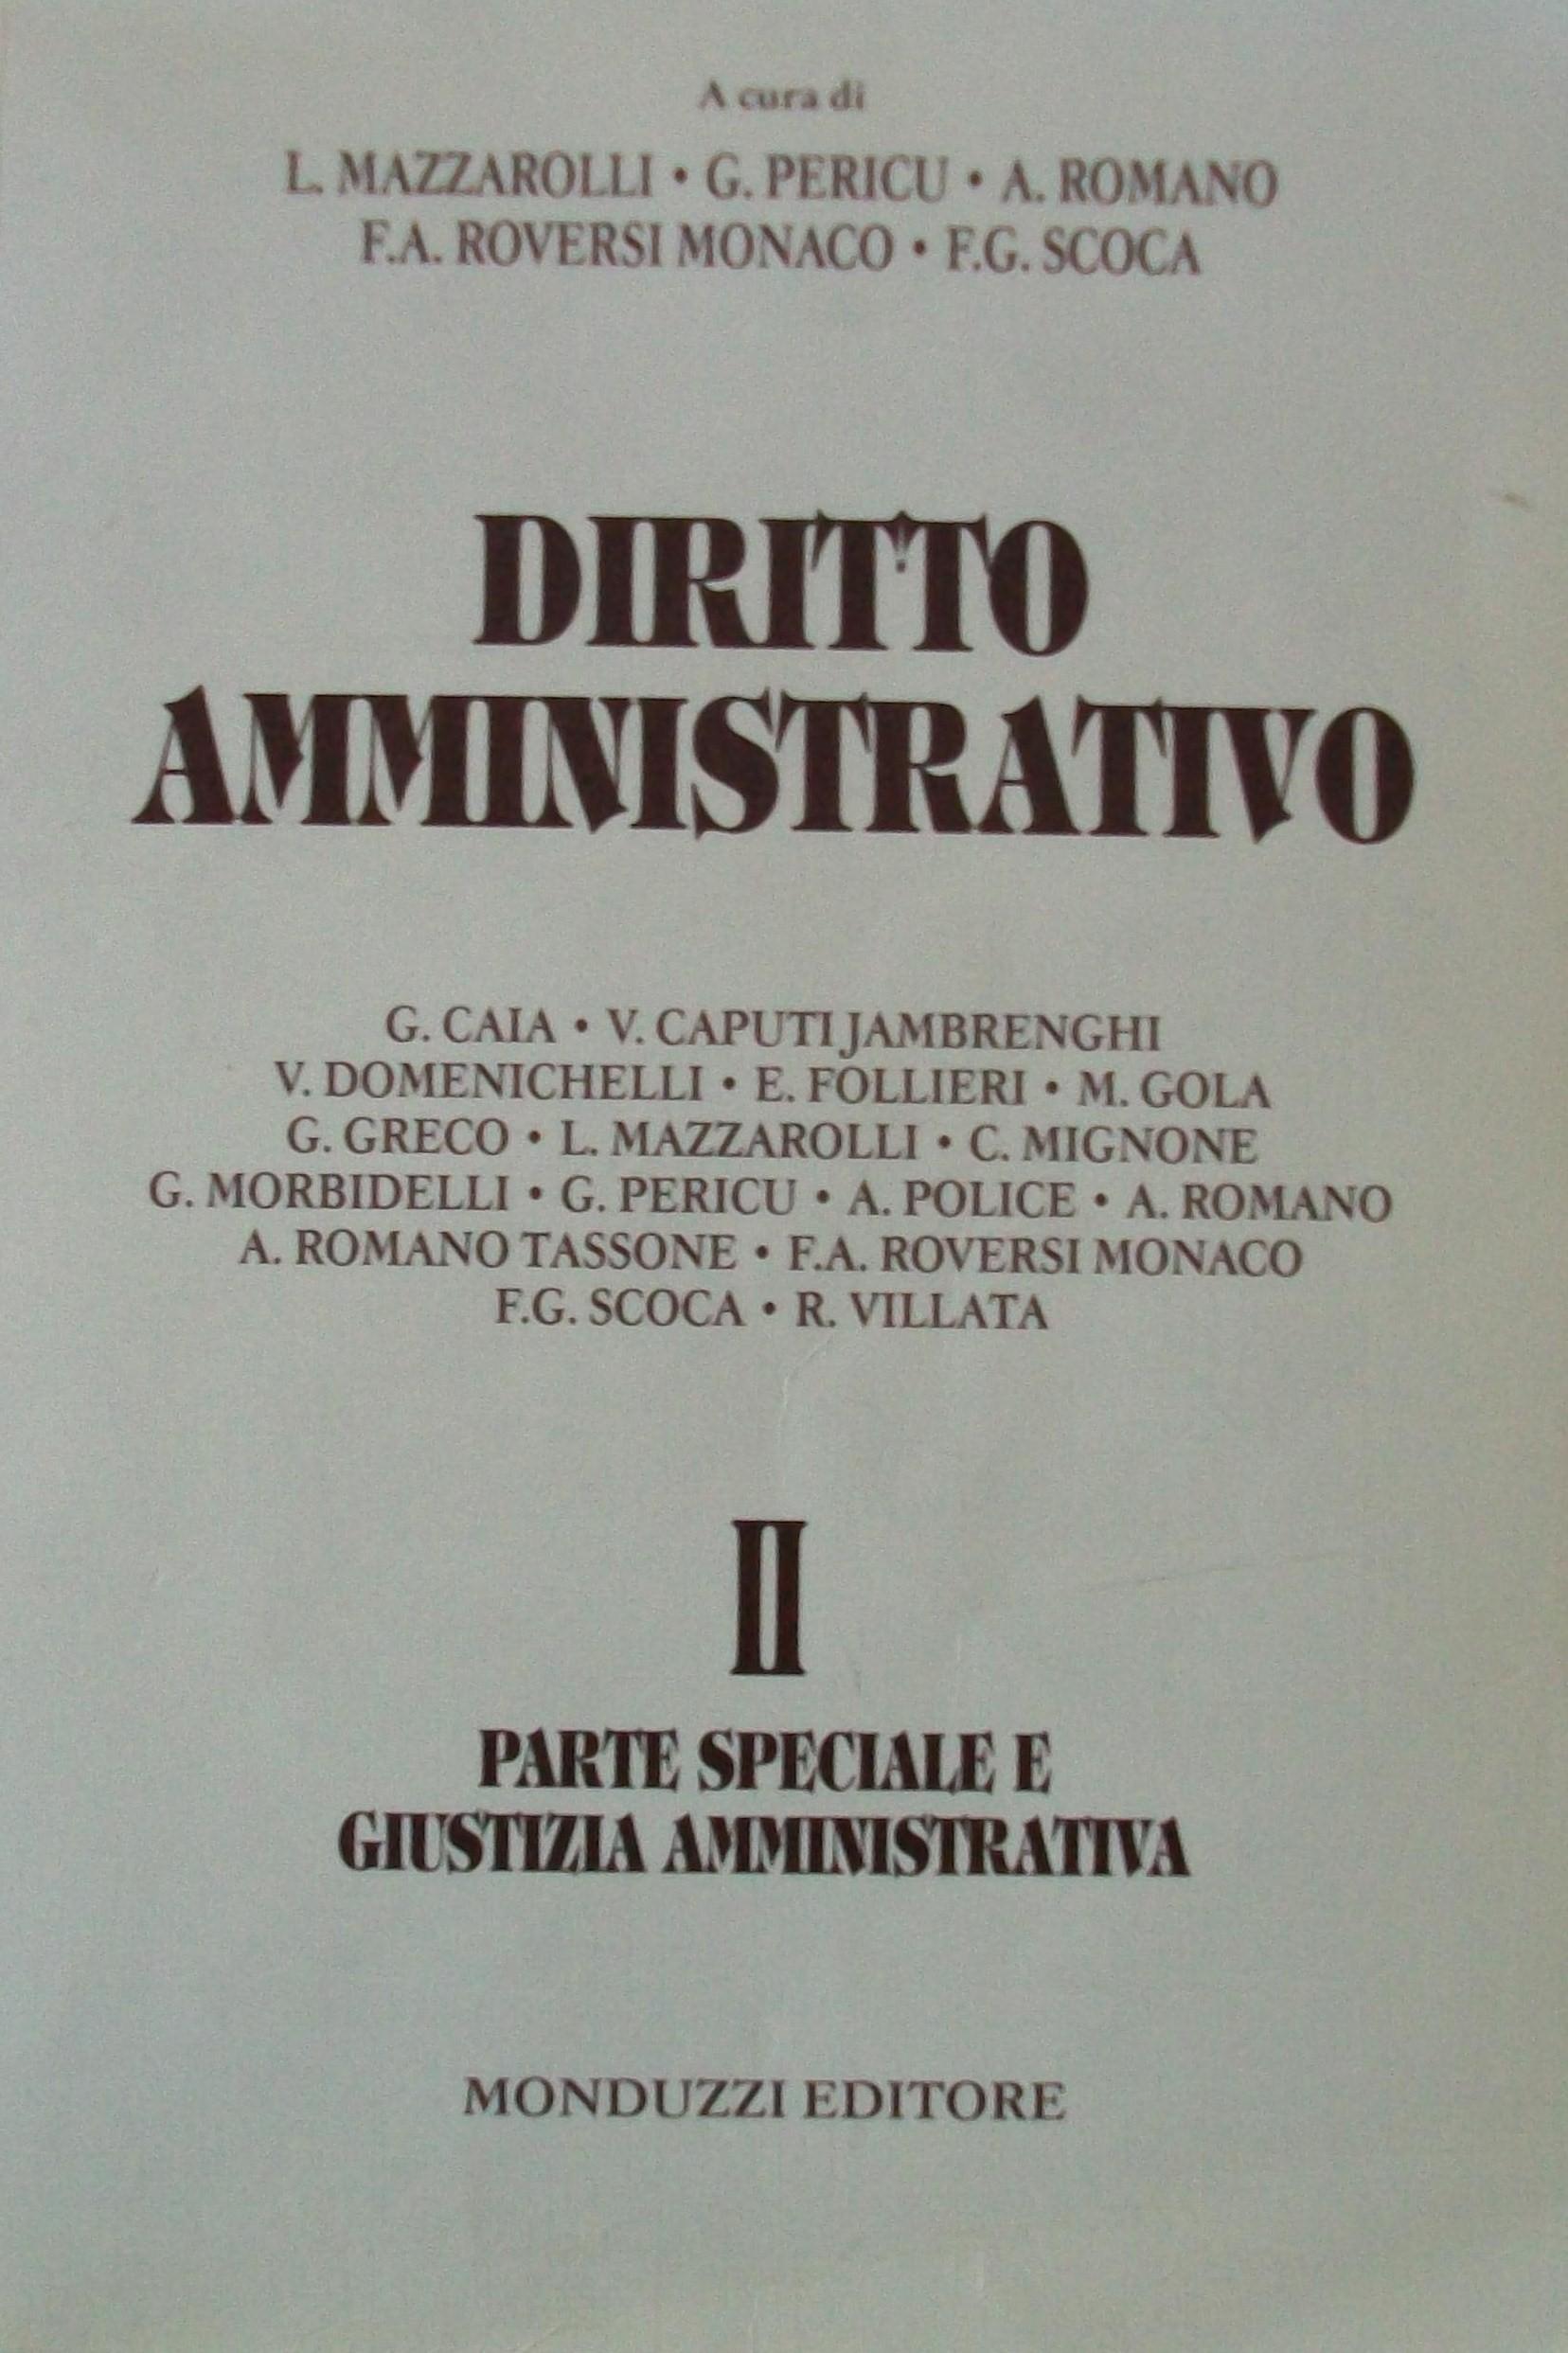 Diritto amministrativo / Parte speciale e giustizia amministrativa